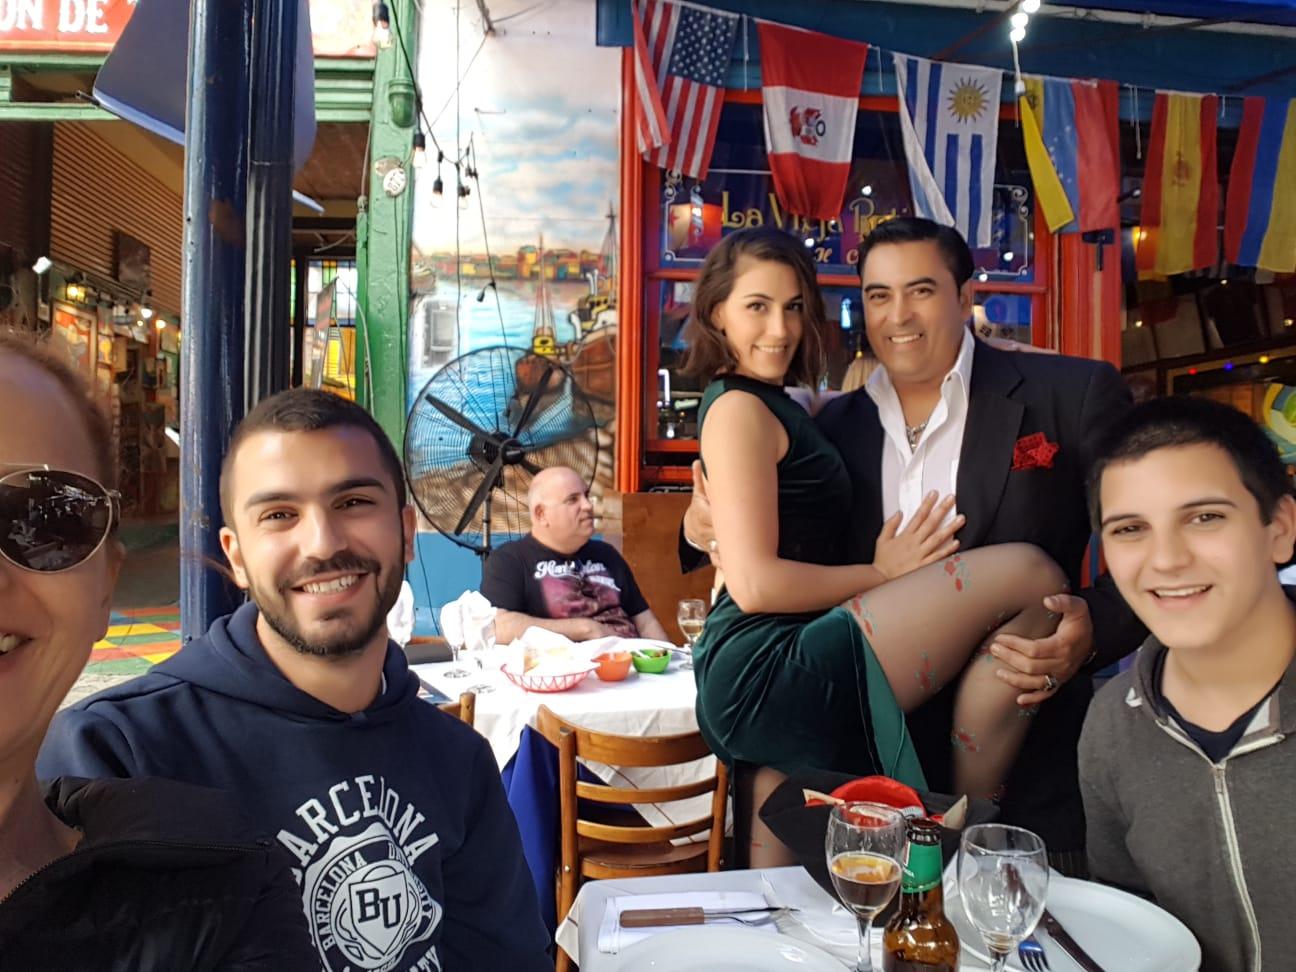 לקוחות ממליצים מונדו טריפ - משפחת פלג צילה ארגנטינה